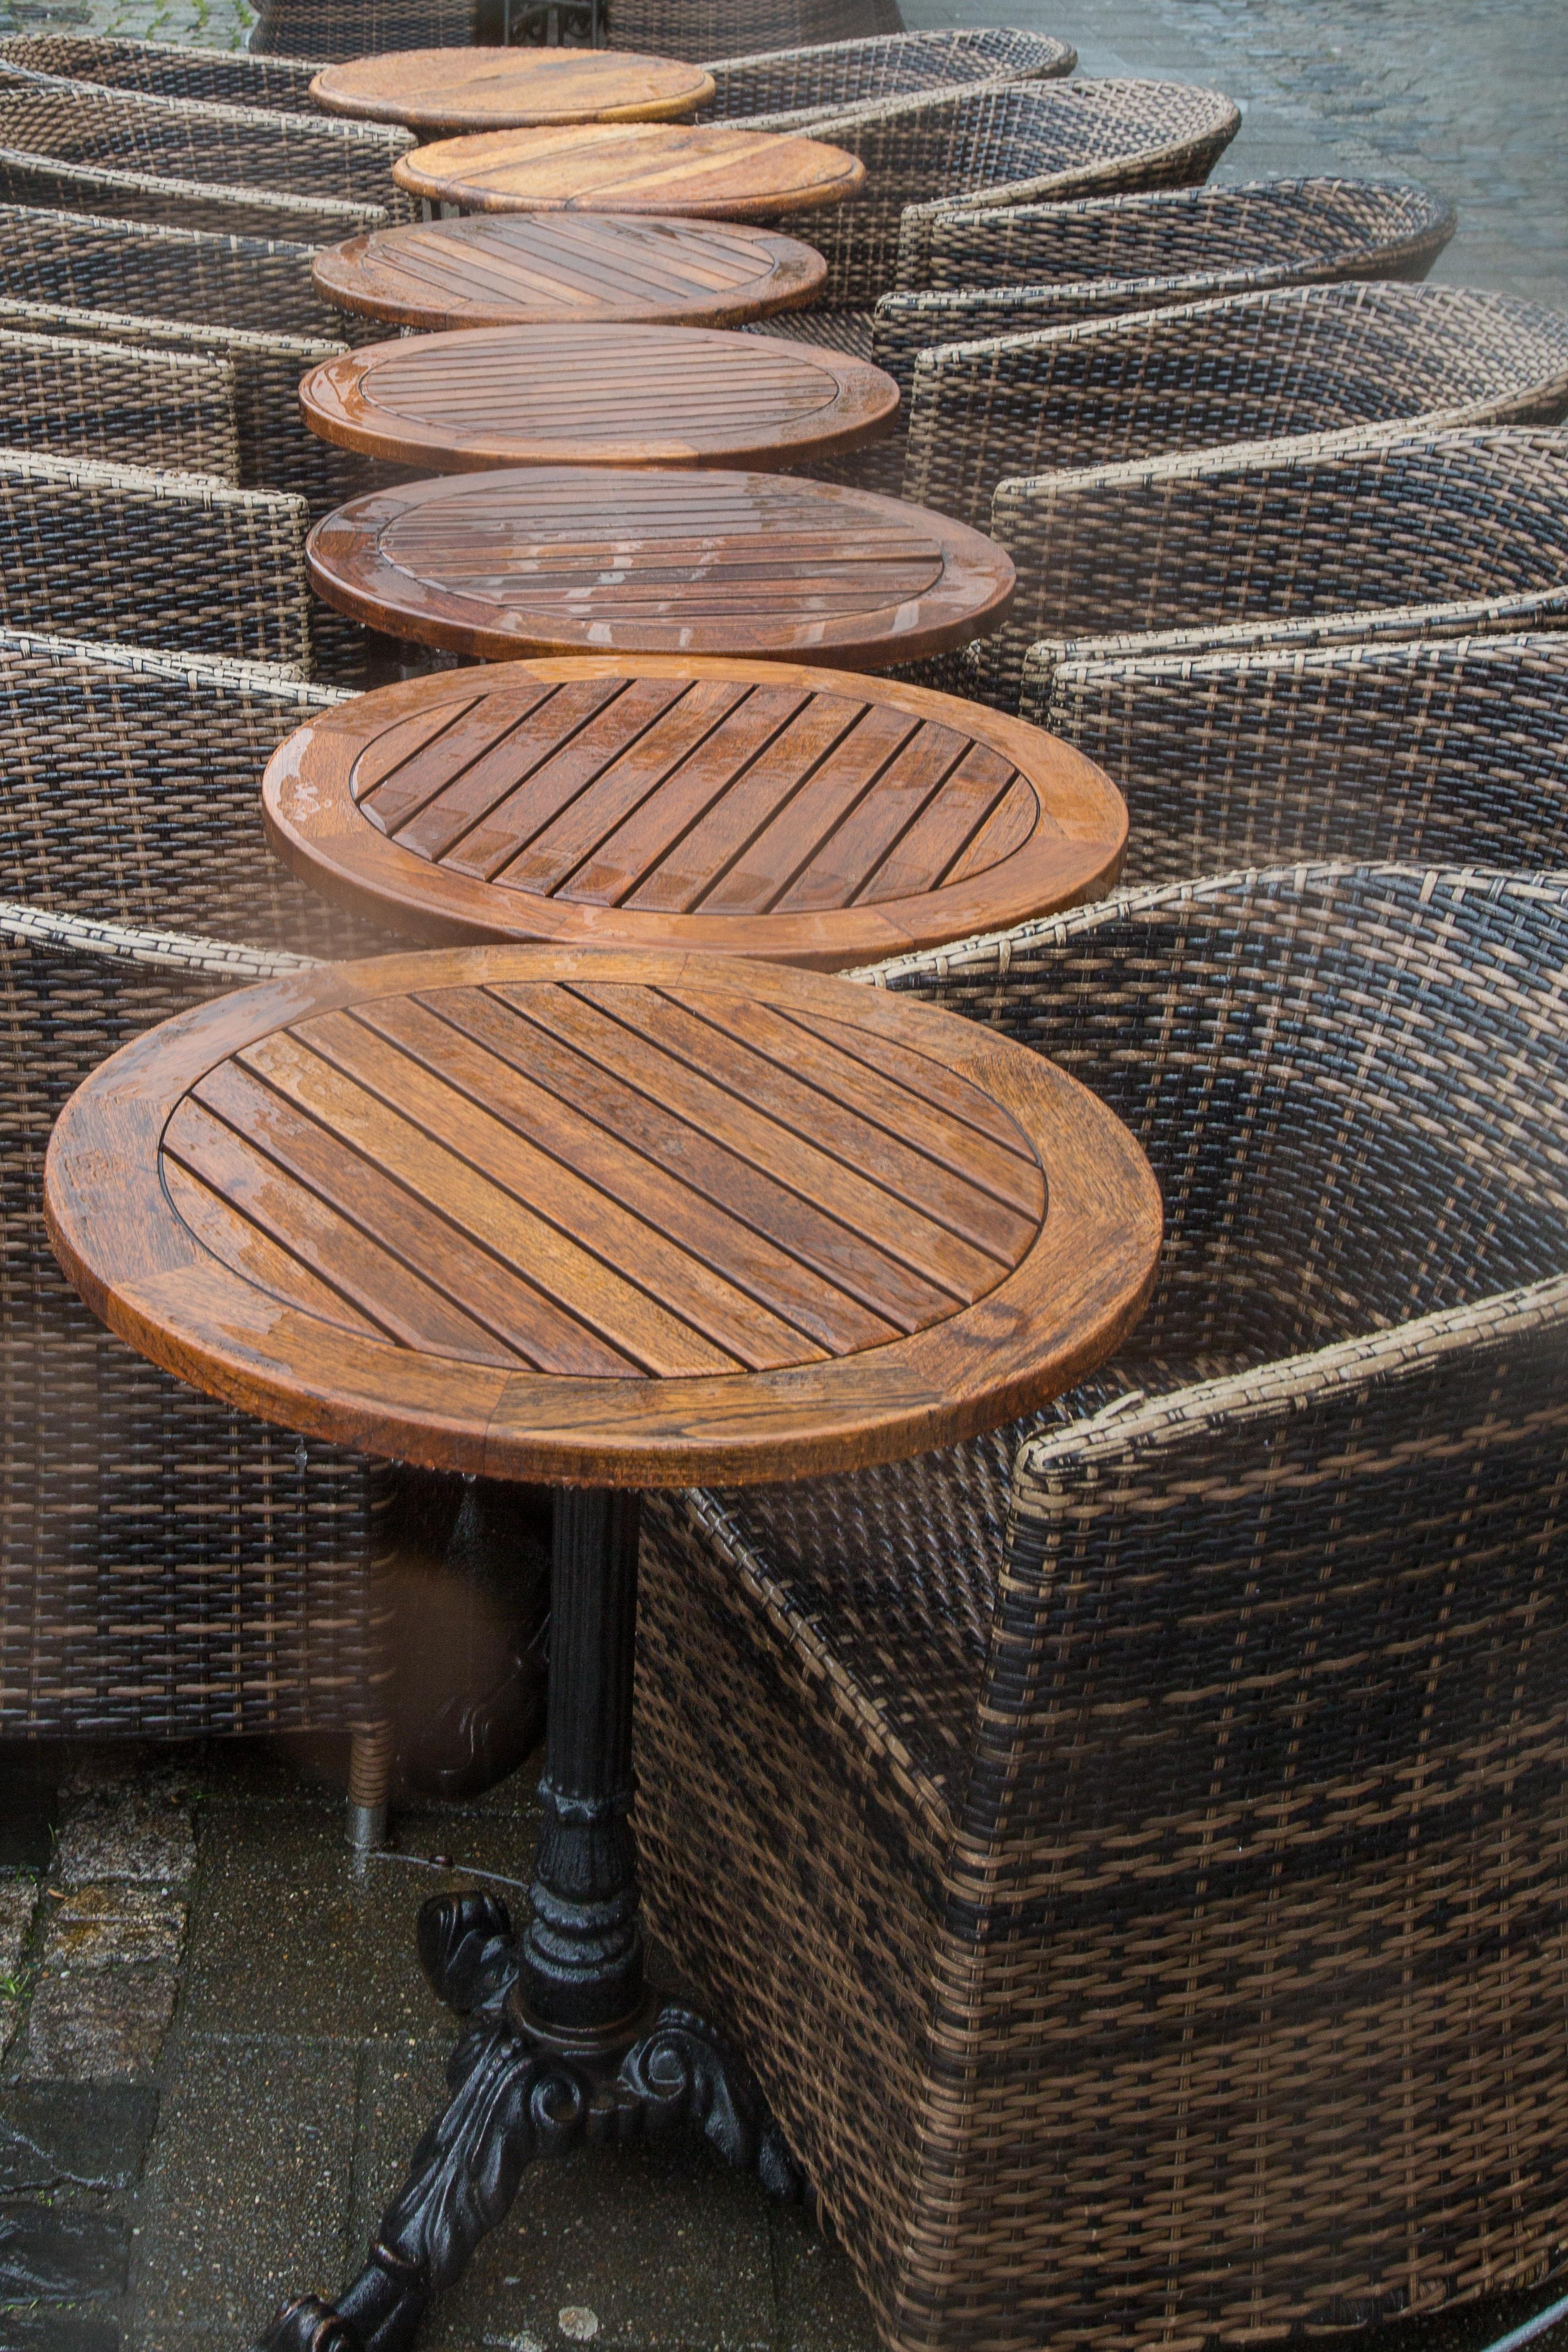 Table Caf Bois Pluie Chaise Meubles Osier Asseoir Bistro La Gastronomie De Rue Objet Fabriqu